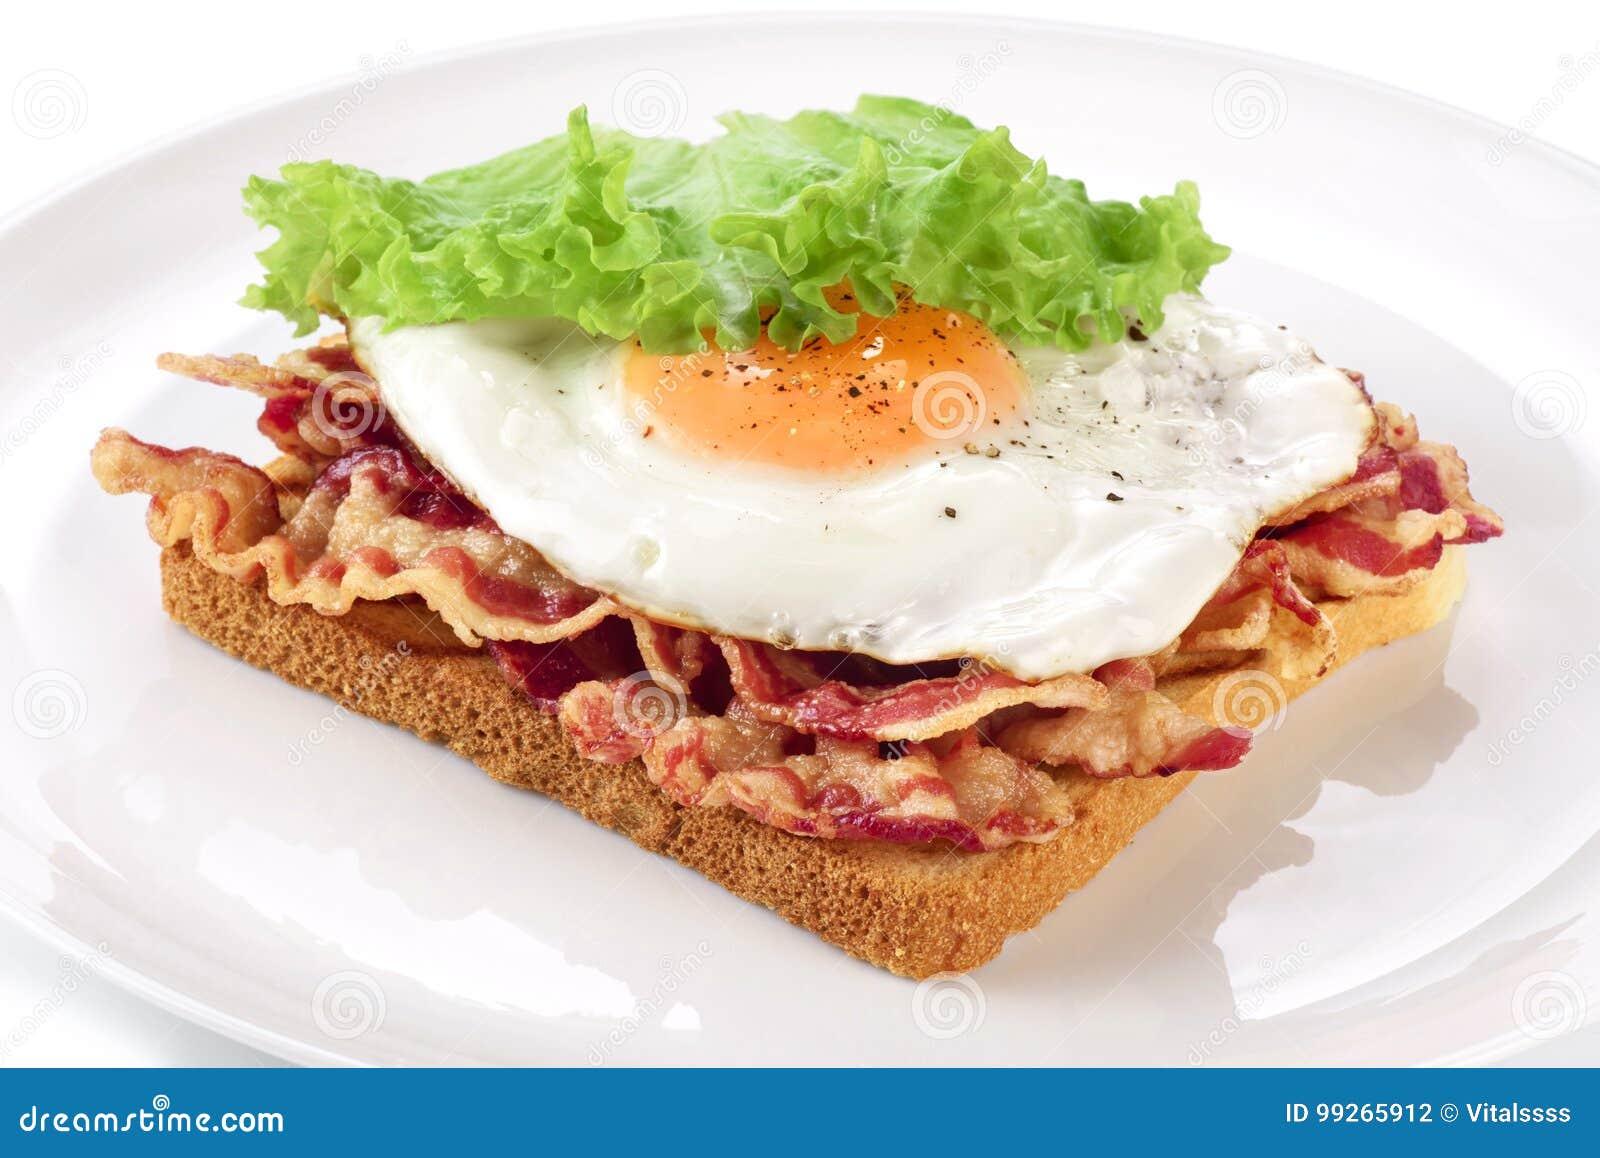 Sanduíche com bacon, ovo frito e alface em uma placa